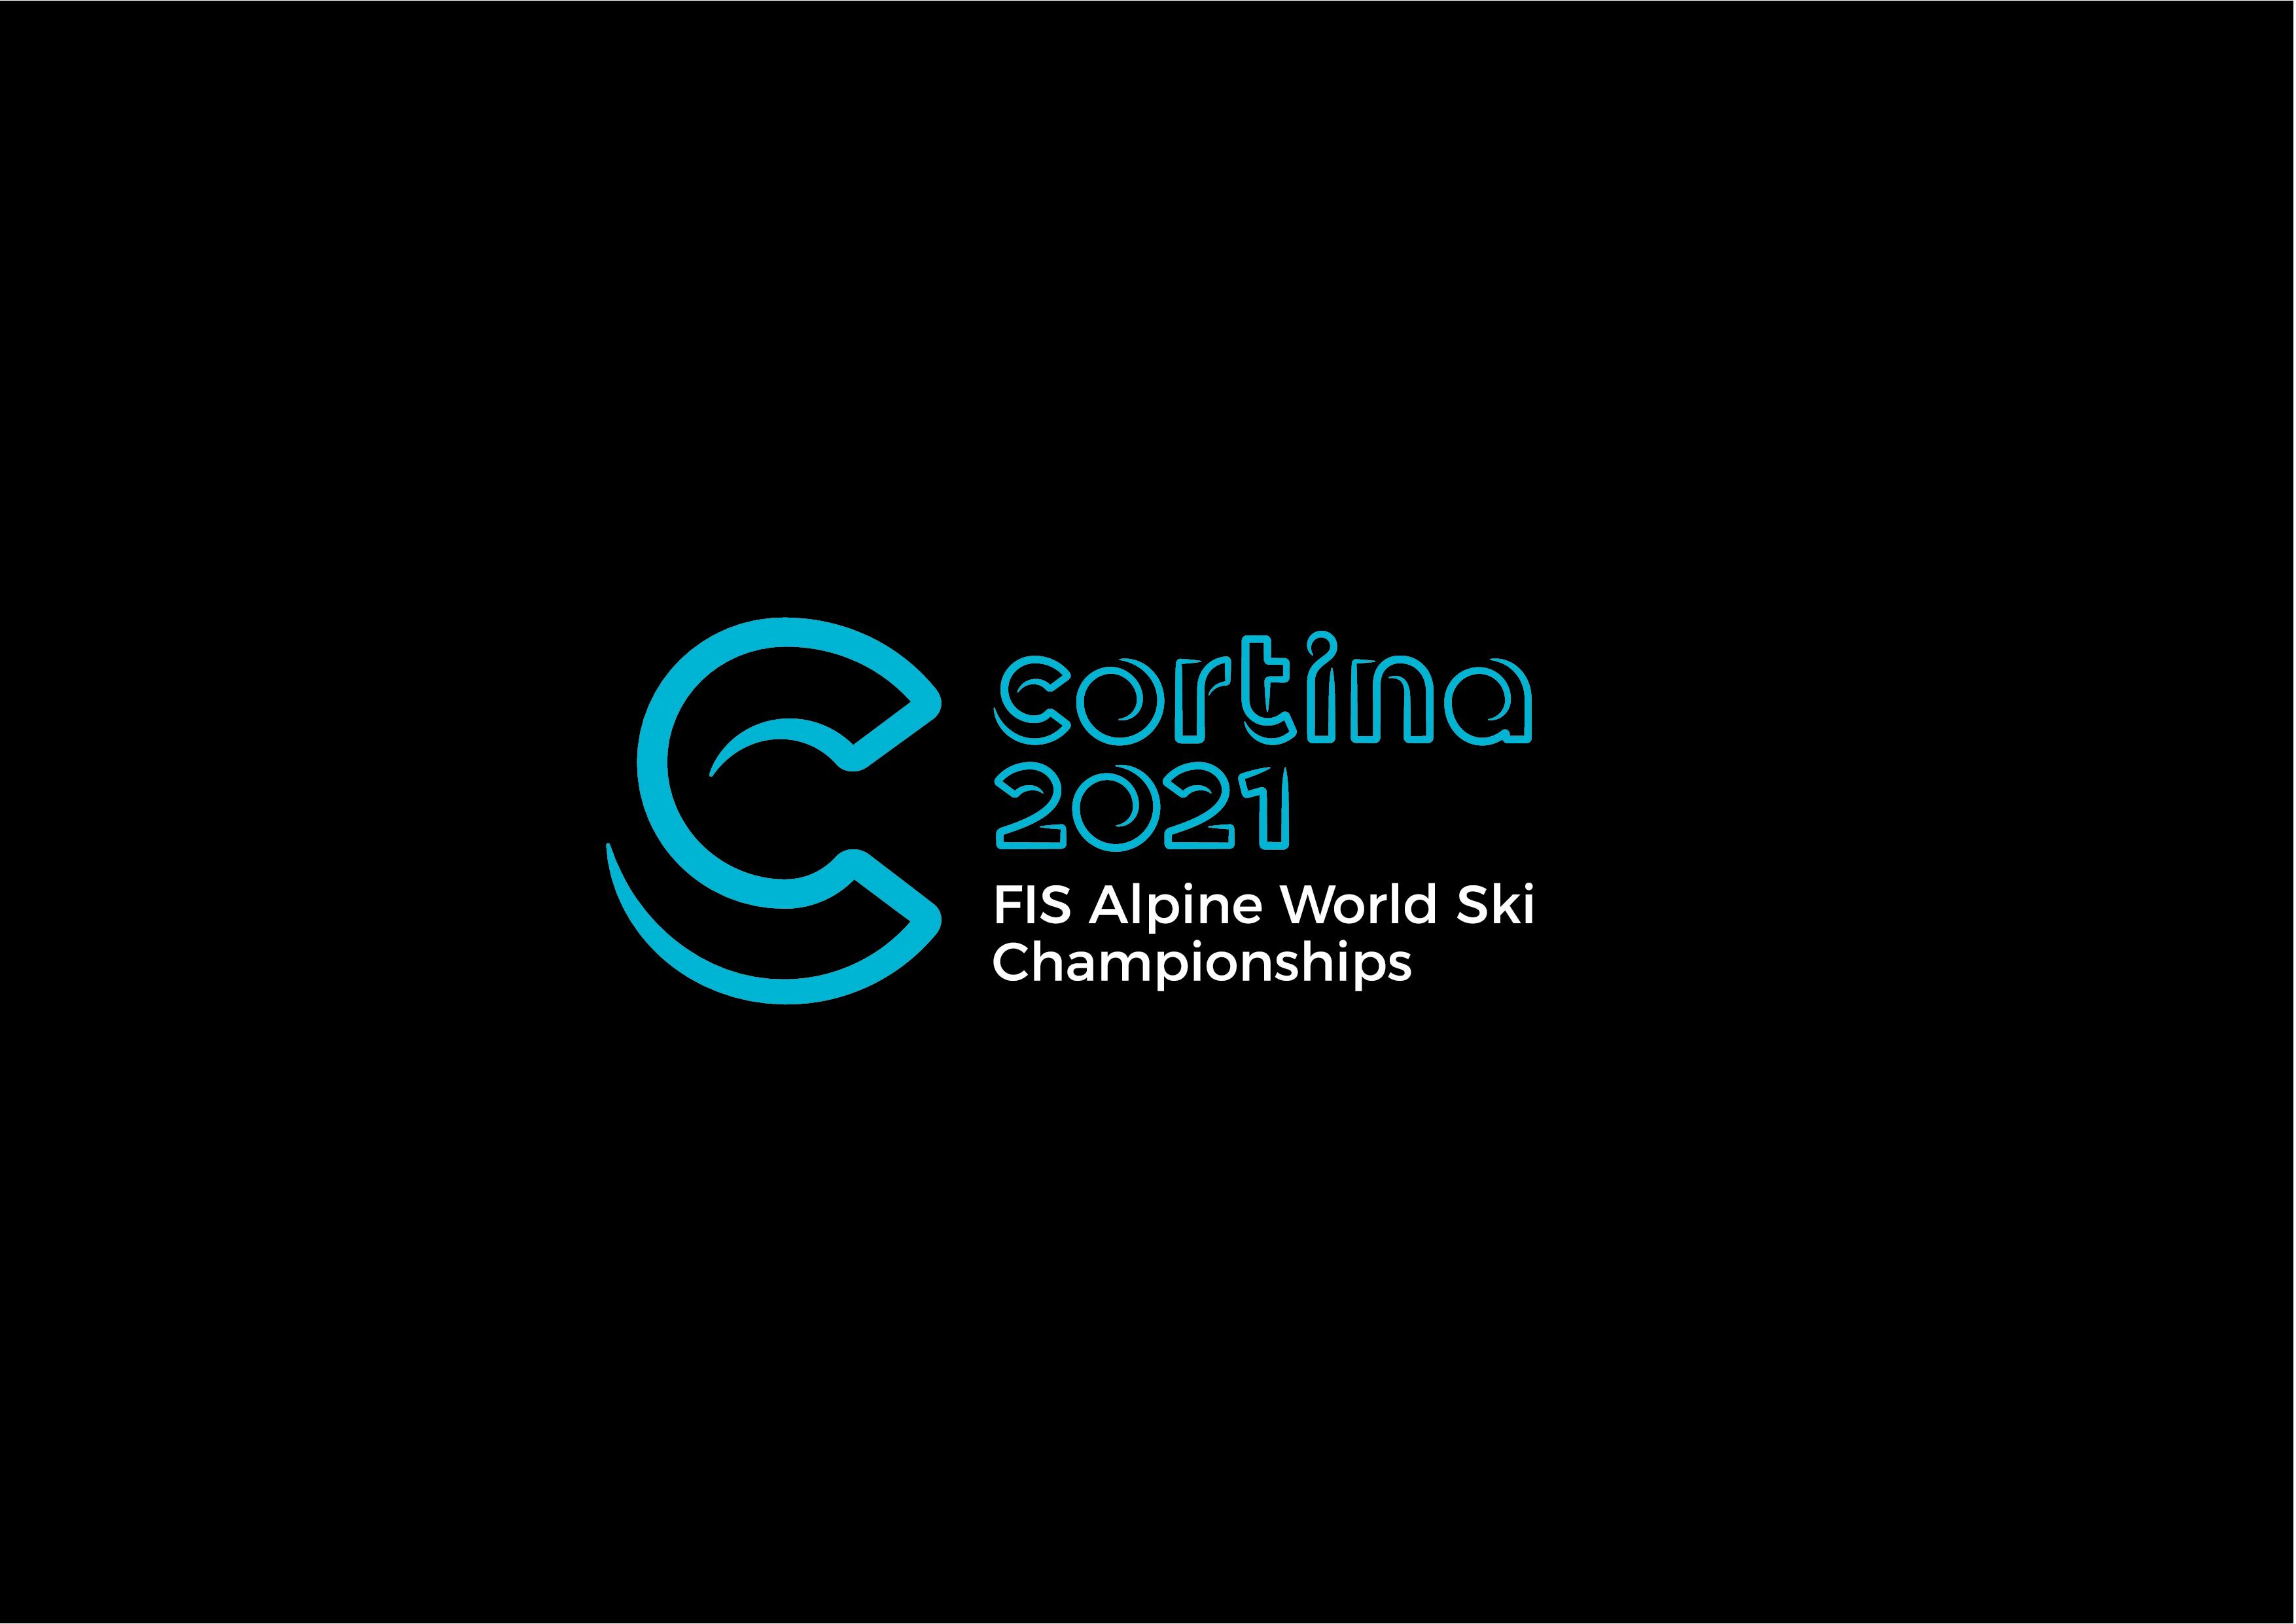 cortina2021-20170125-logo-orizzontale-neg